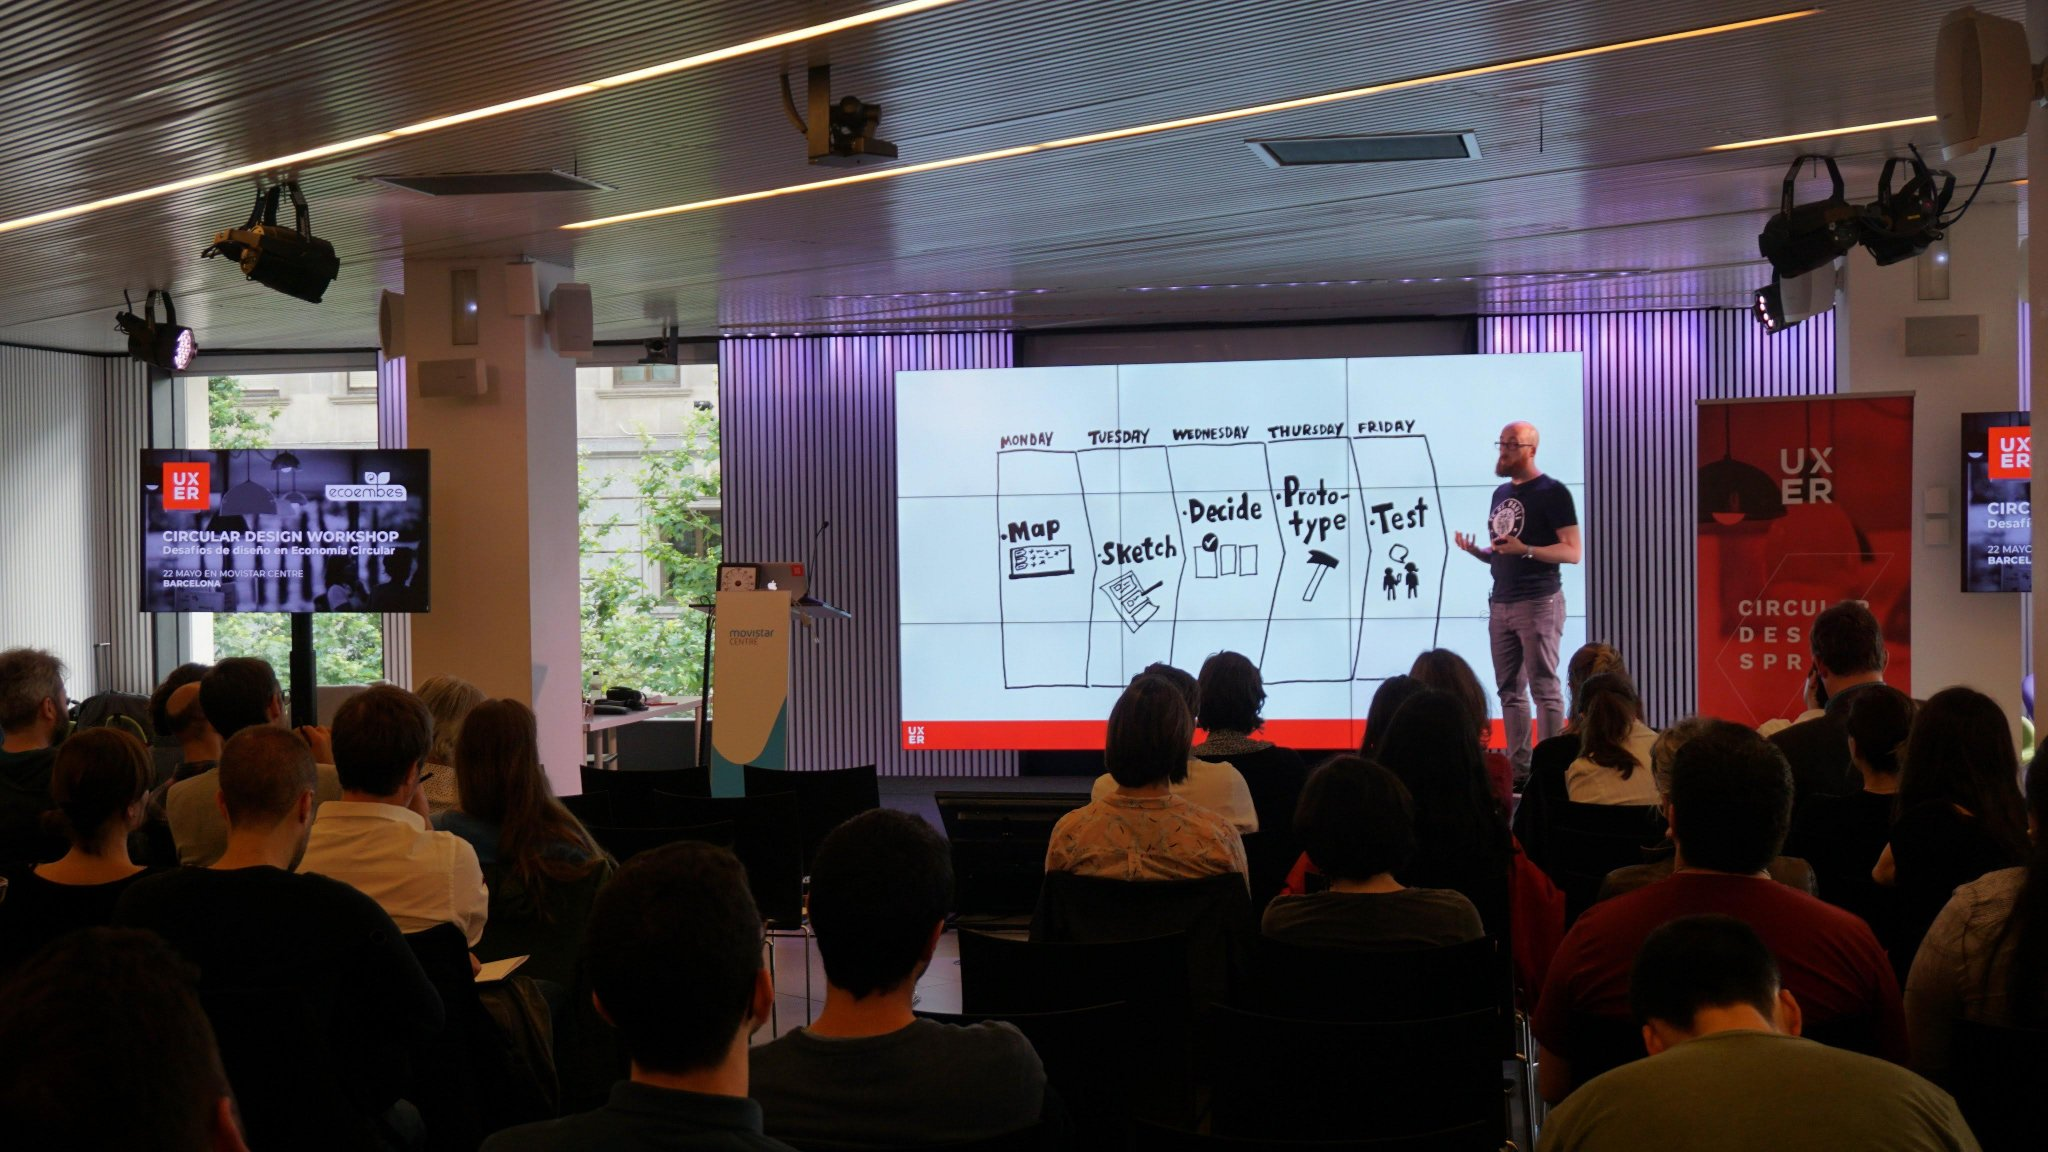 Stefano Serafinelli explicando qué es un Design Sprint